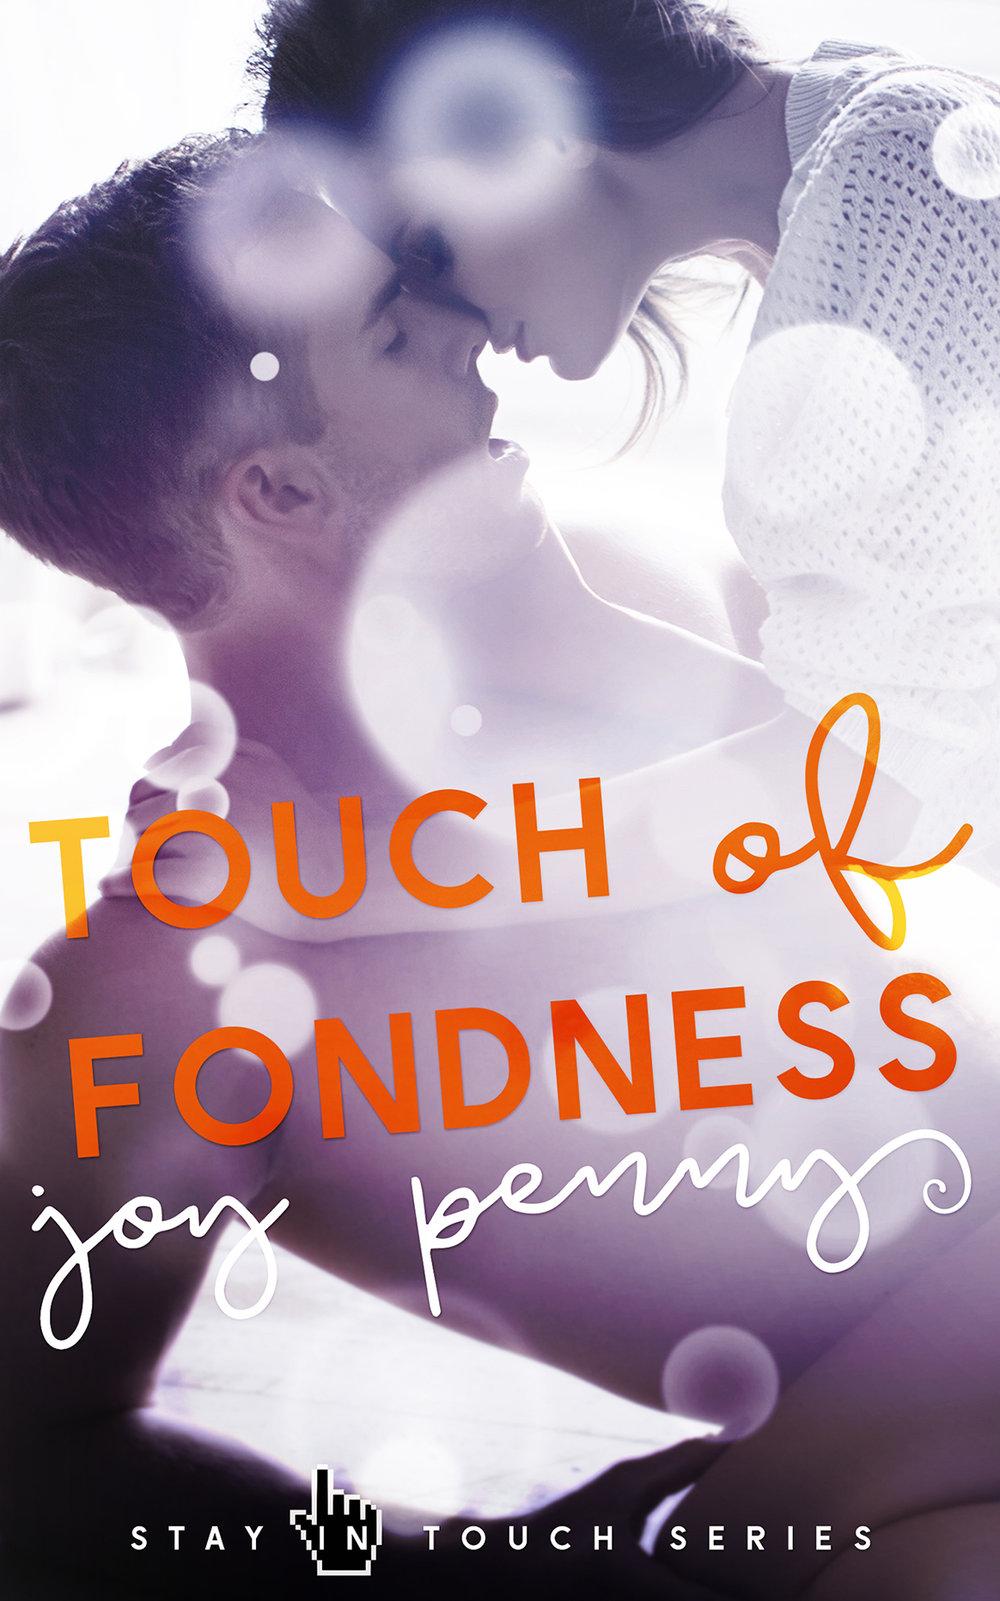 Touch of Fondness - Joy Penny.jpg